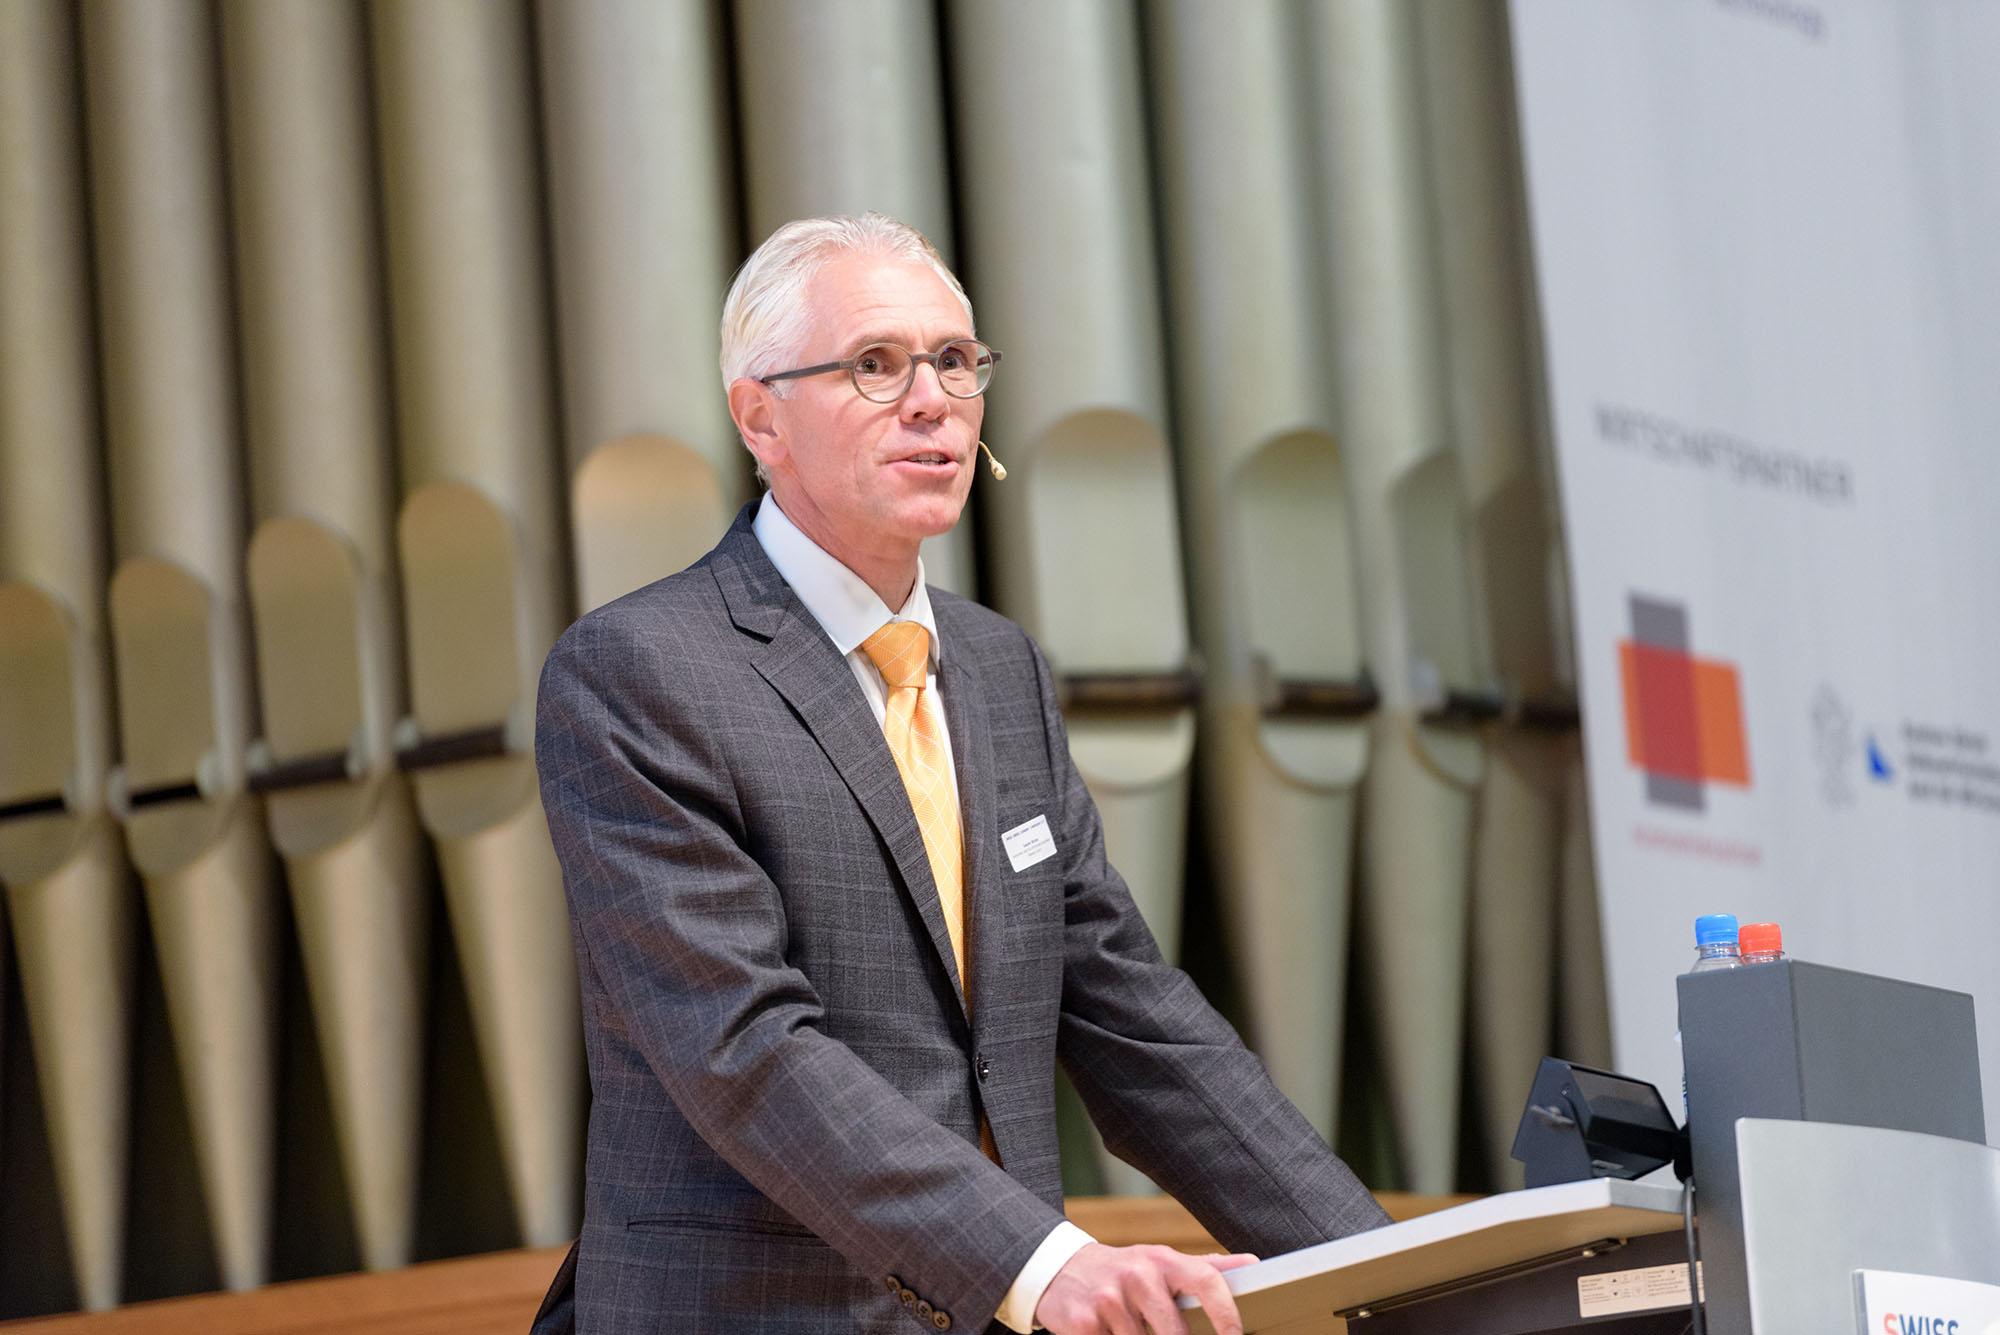 Bruno Sauter, Amtschef, Amt für Wirtschaft und Arbeit des Kanton Zürich